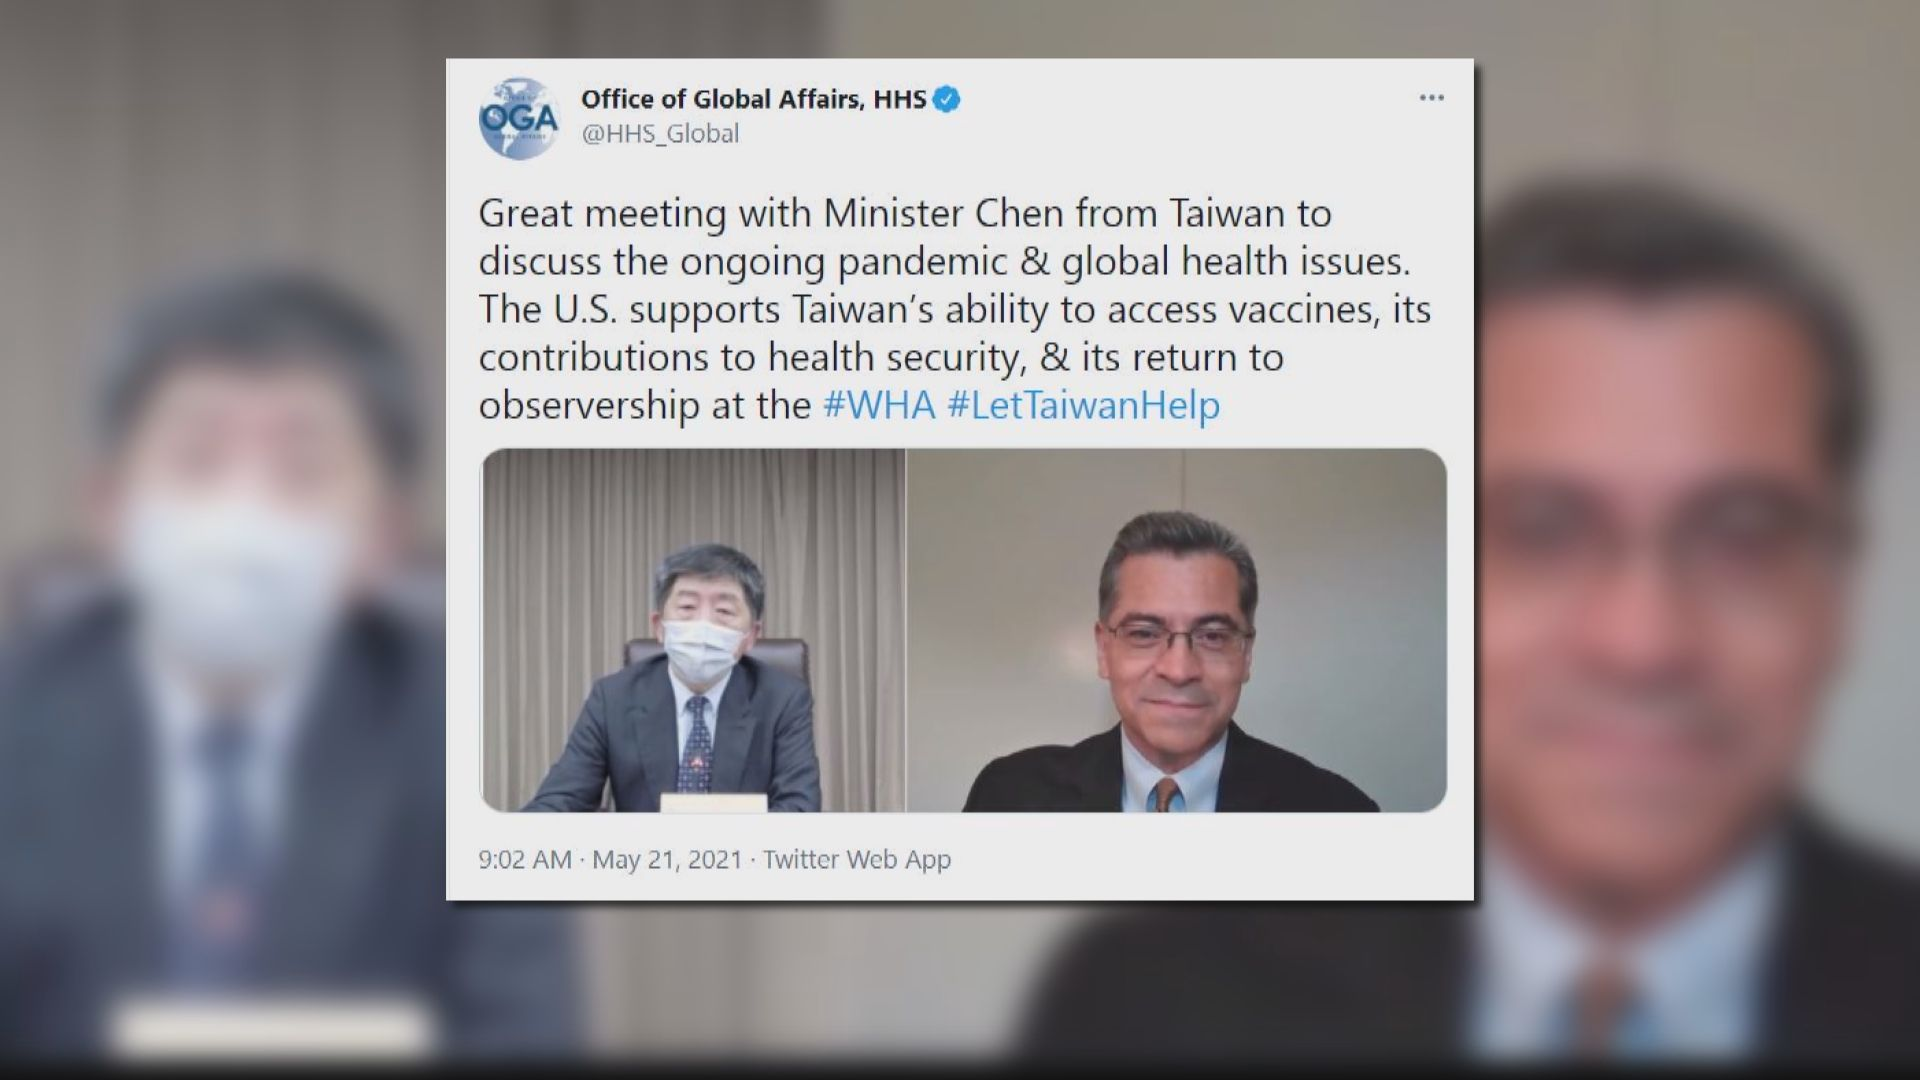 台灣要求美國協助取得更多新冠疫苗